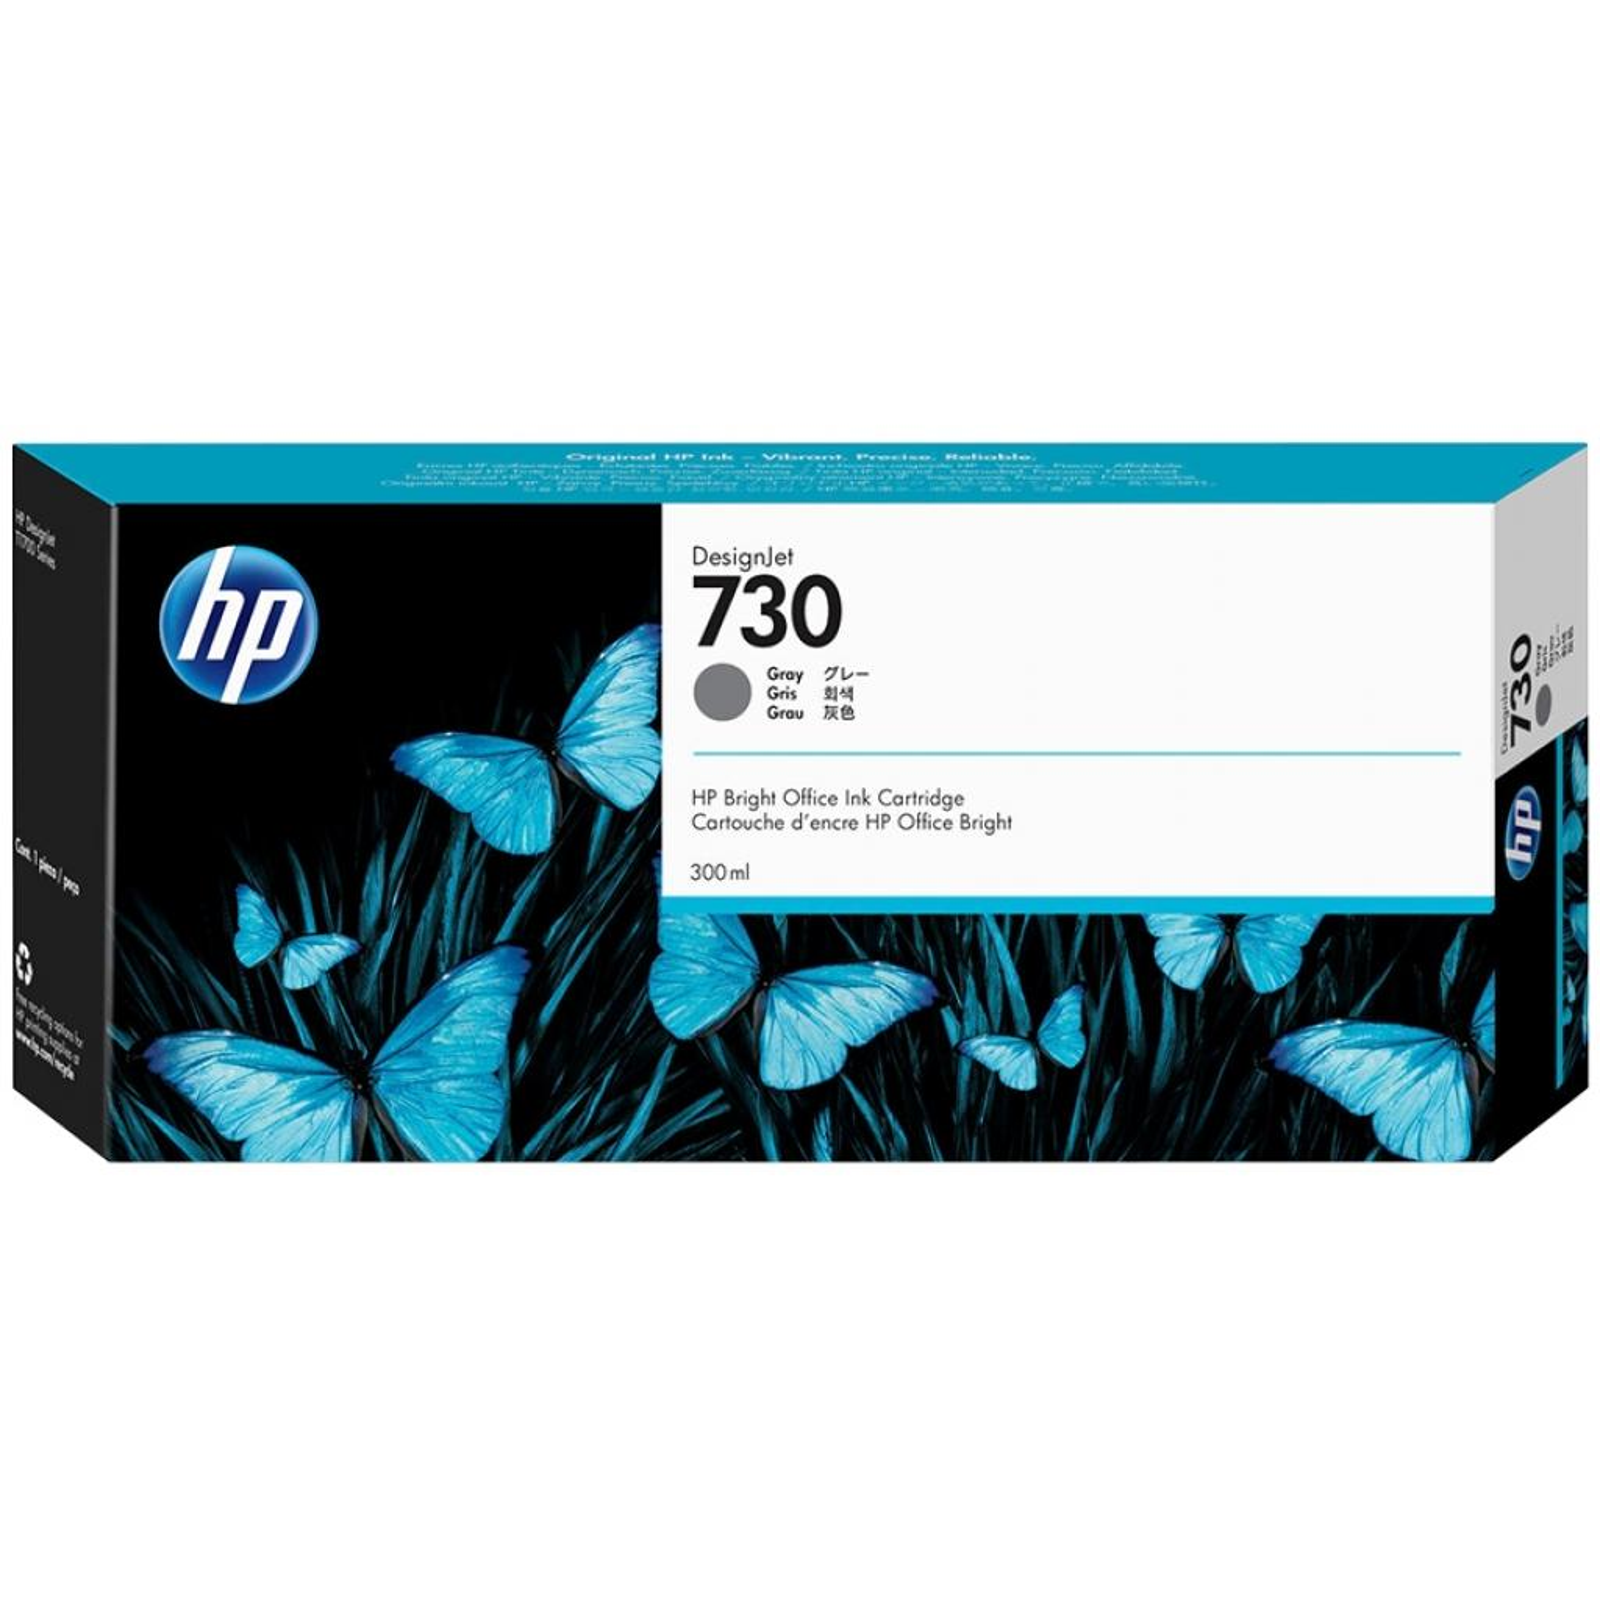 Картридж HP DJ No.730 300ml Gray (P2V72A)